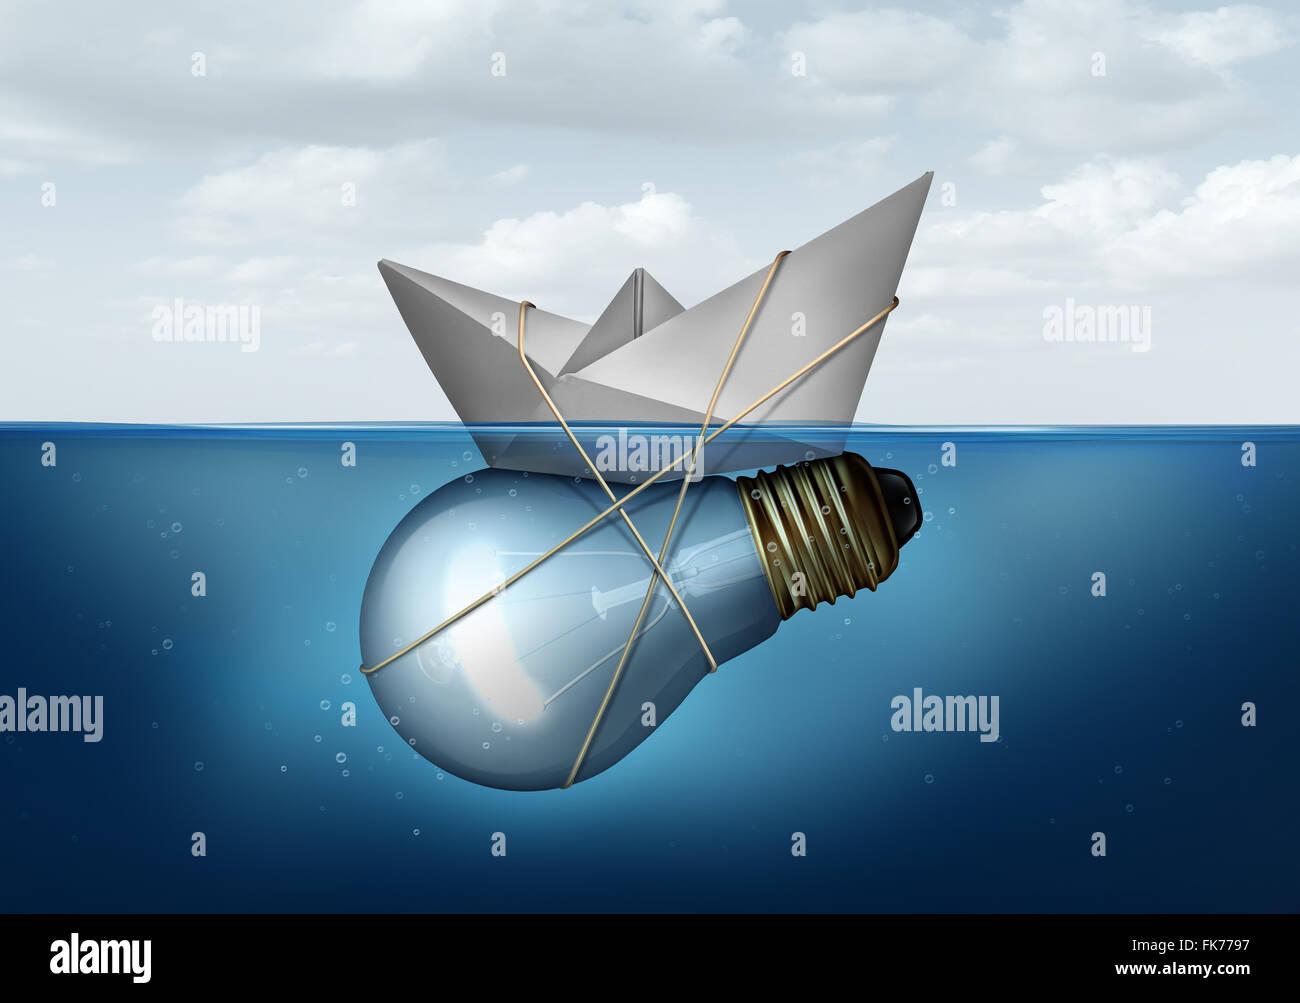 Innovative Businesslösung und kreatives Konzept als ein Papierschiff gebunden an eine Glühlampe oder Glühbirne Stockbild